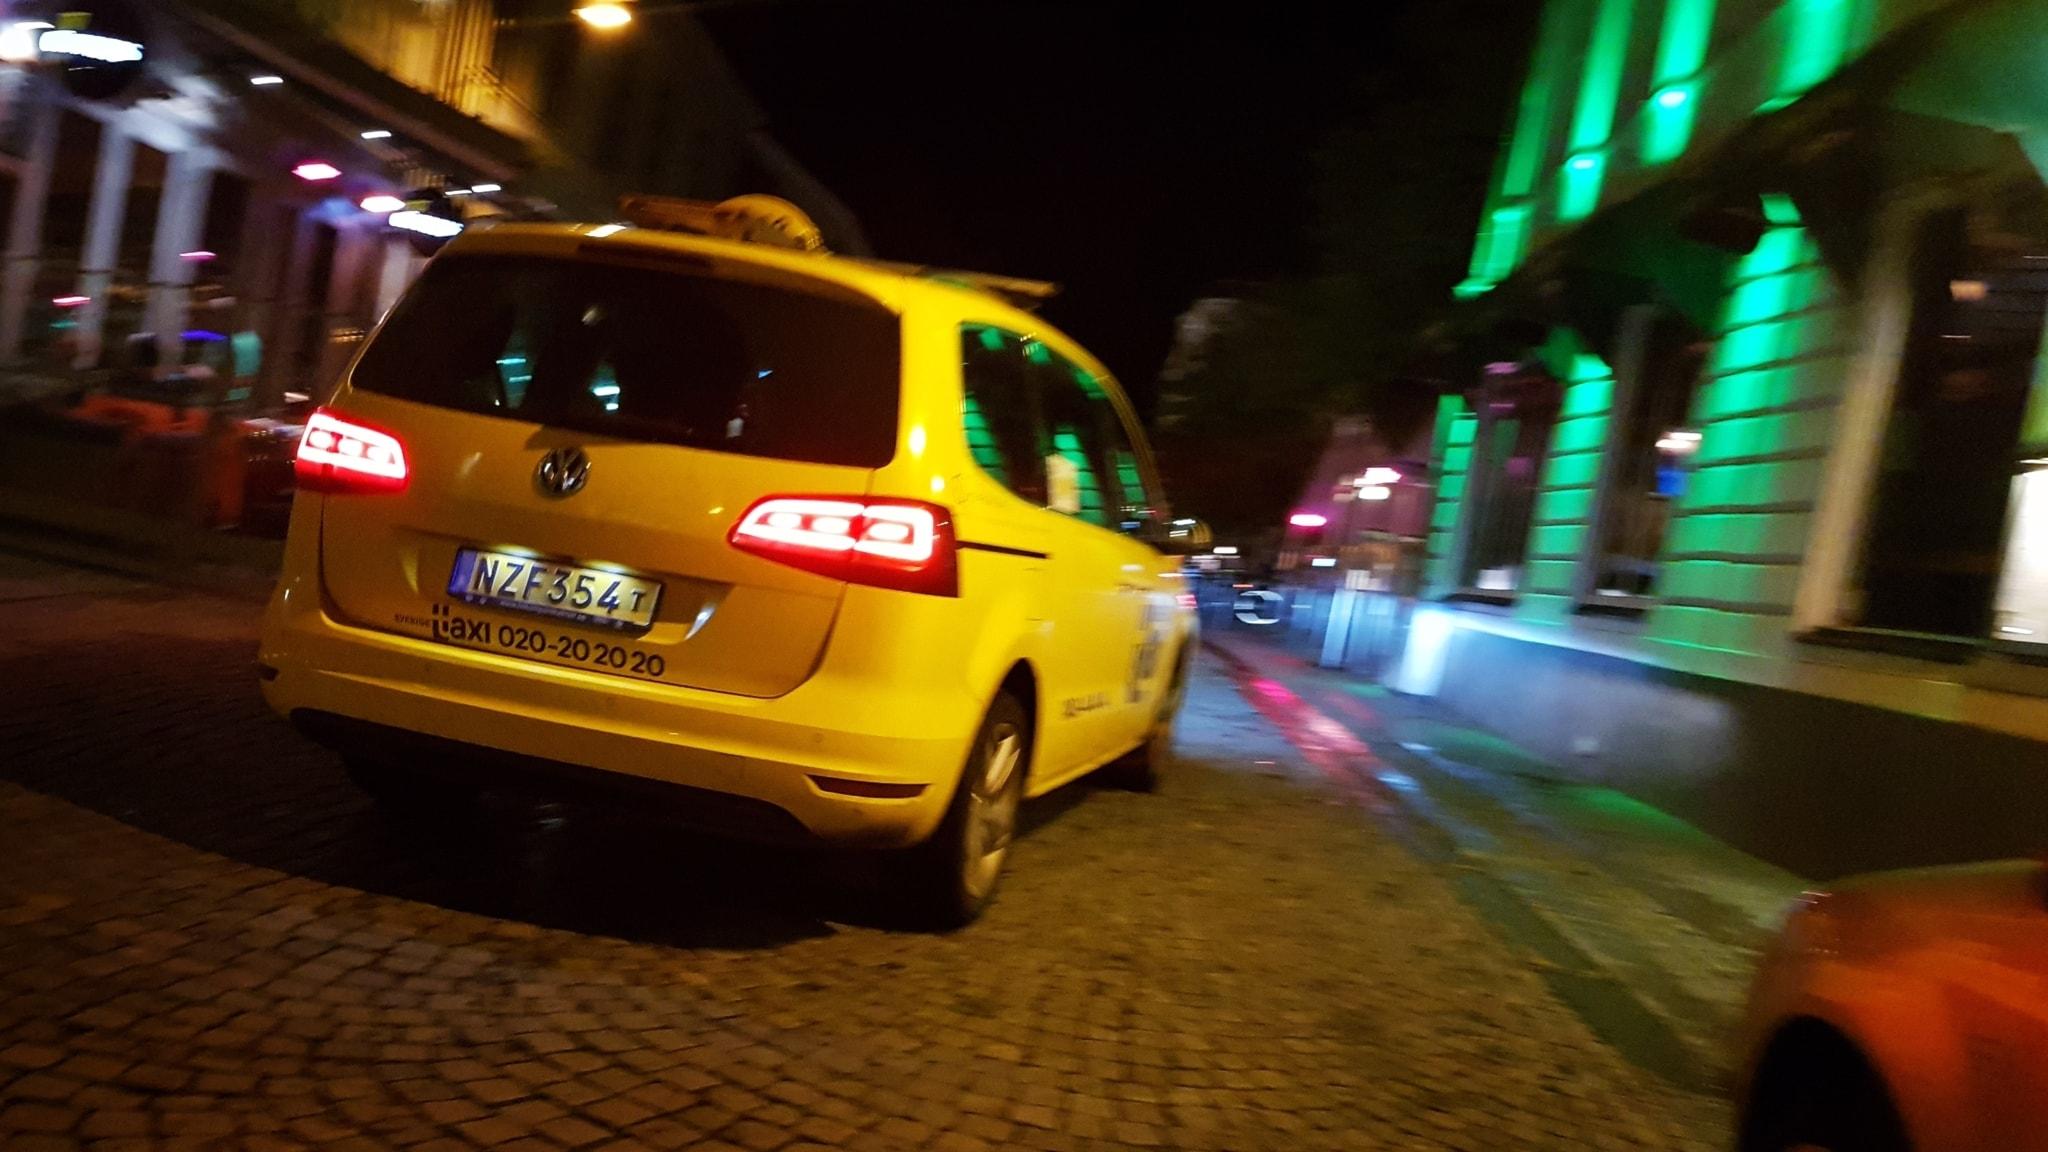 Taxichauffor ranad av kund